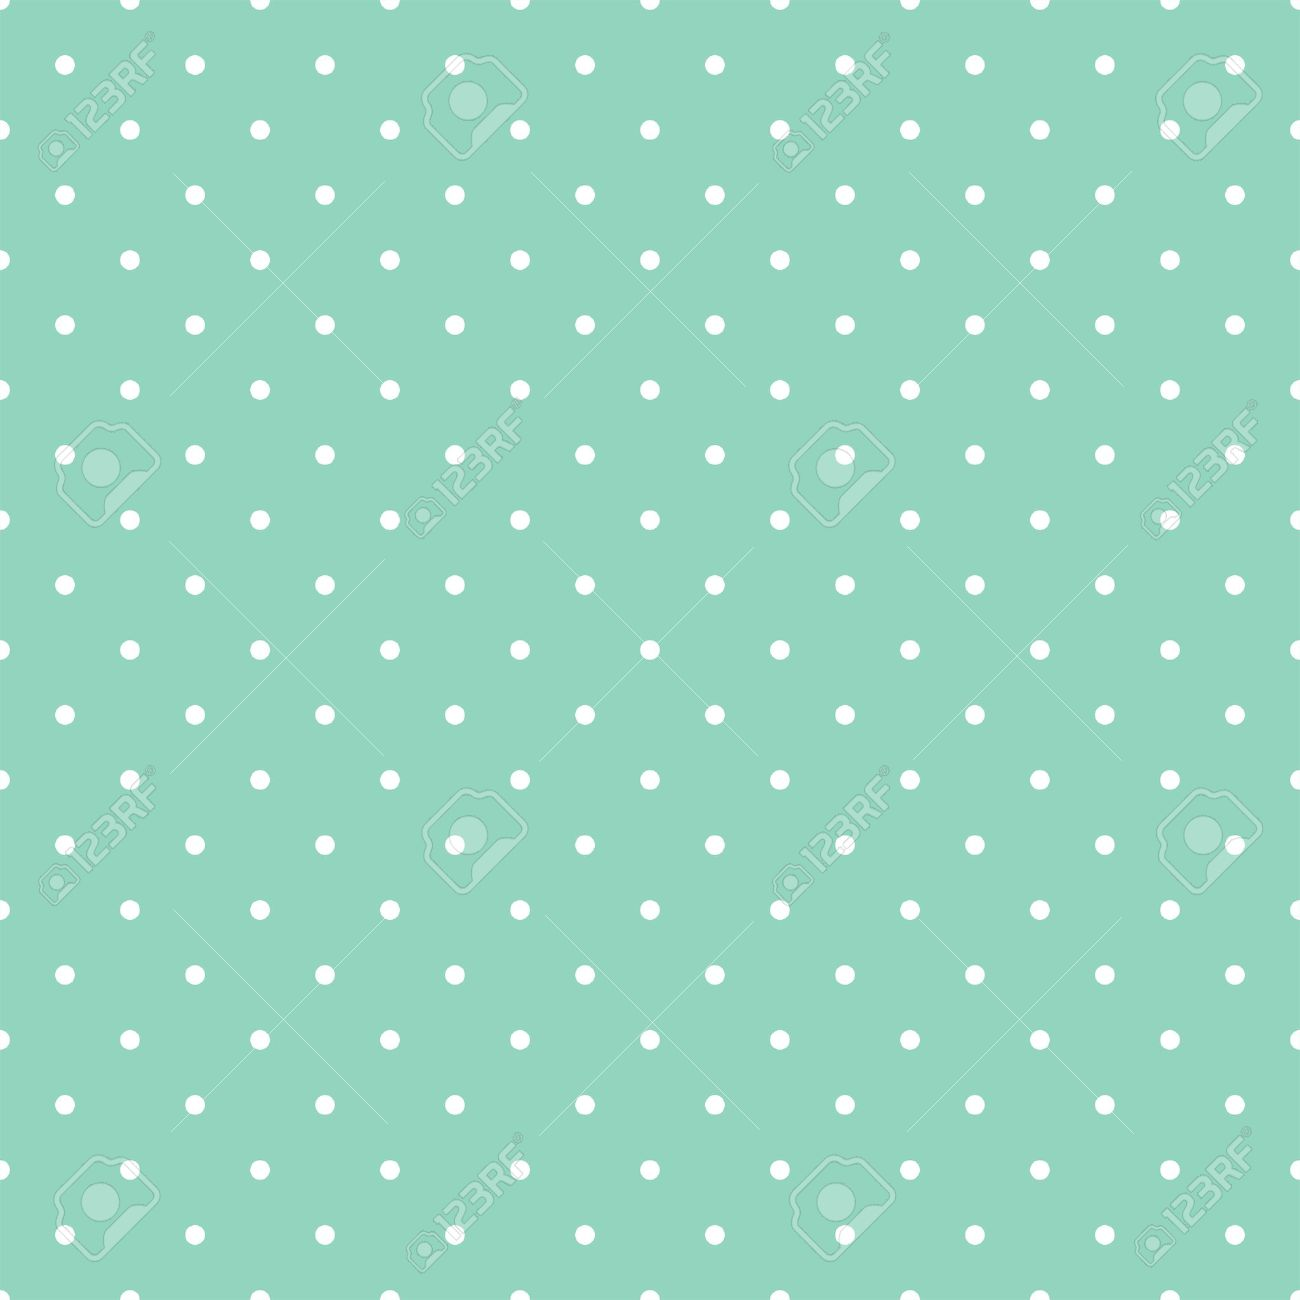 Vettoriale Seamless Pattern Con Pois Bianchi Su Sfondo Verde Menta